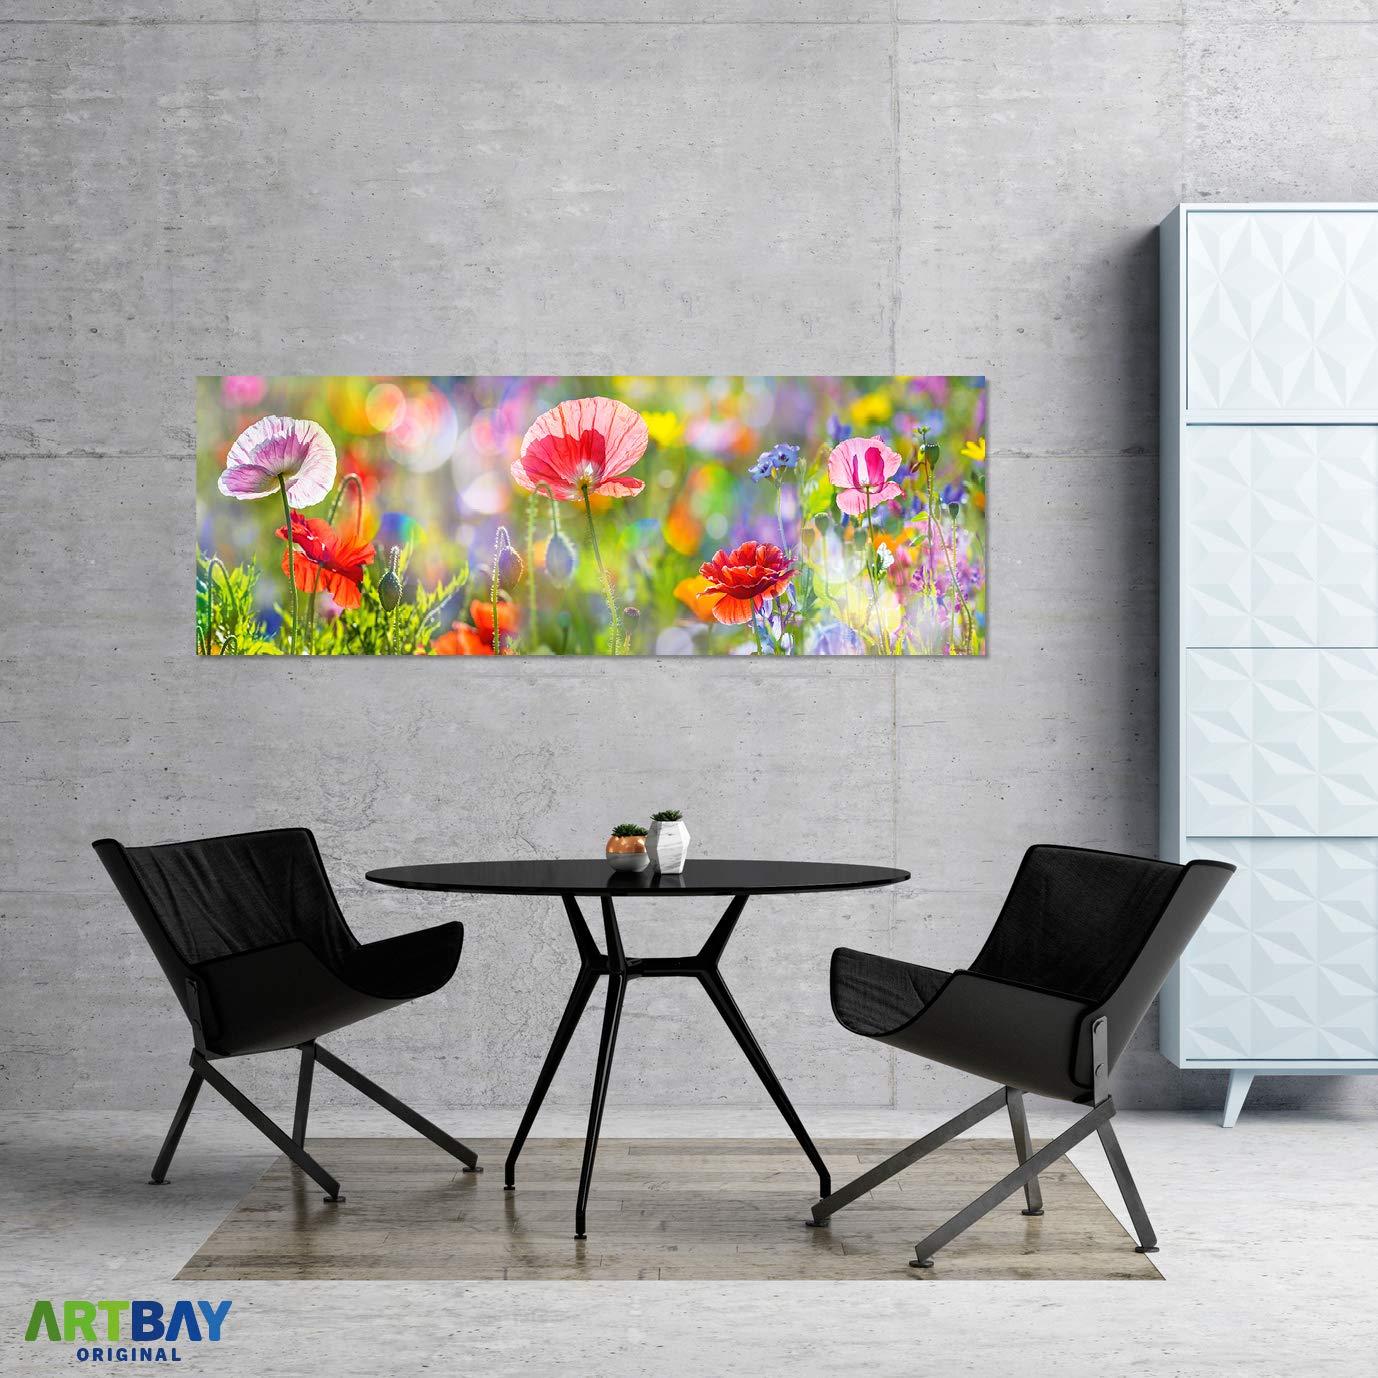 Pavots en Fleurs Panorama Photo ARTBAY Poster Fleurs HD XXL 118,8 x 42 cm Poster Nature Qualit/é Premium Pr/é de Fleurs au Soleil